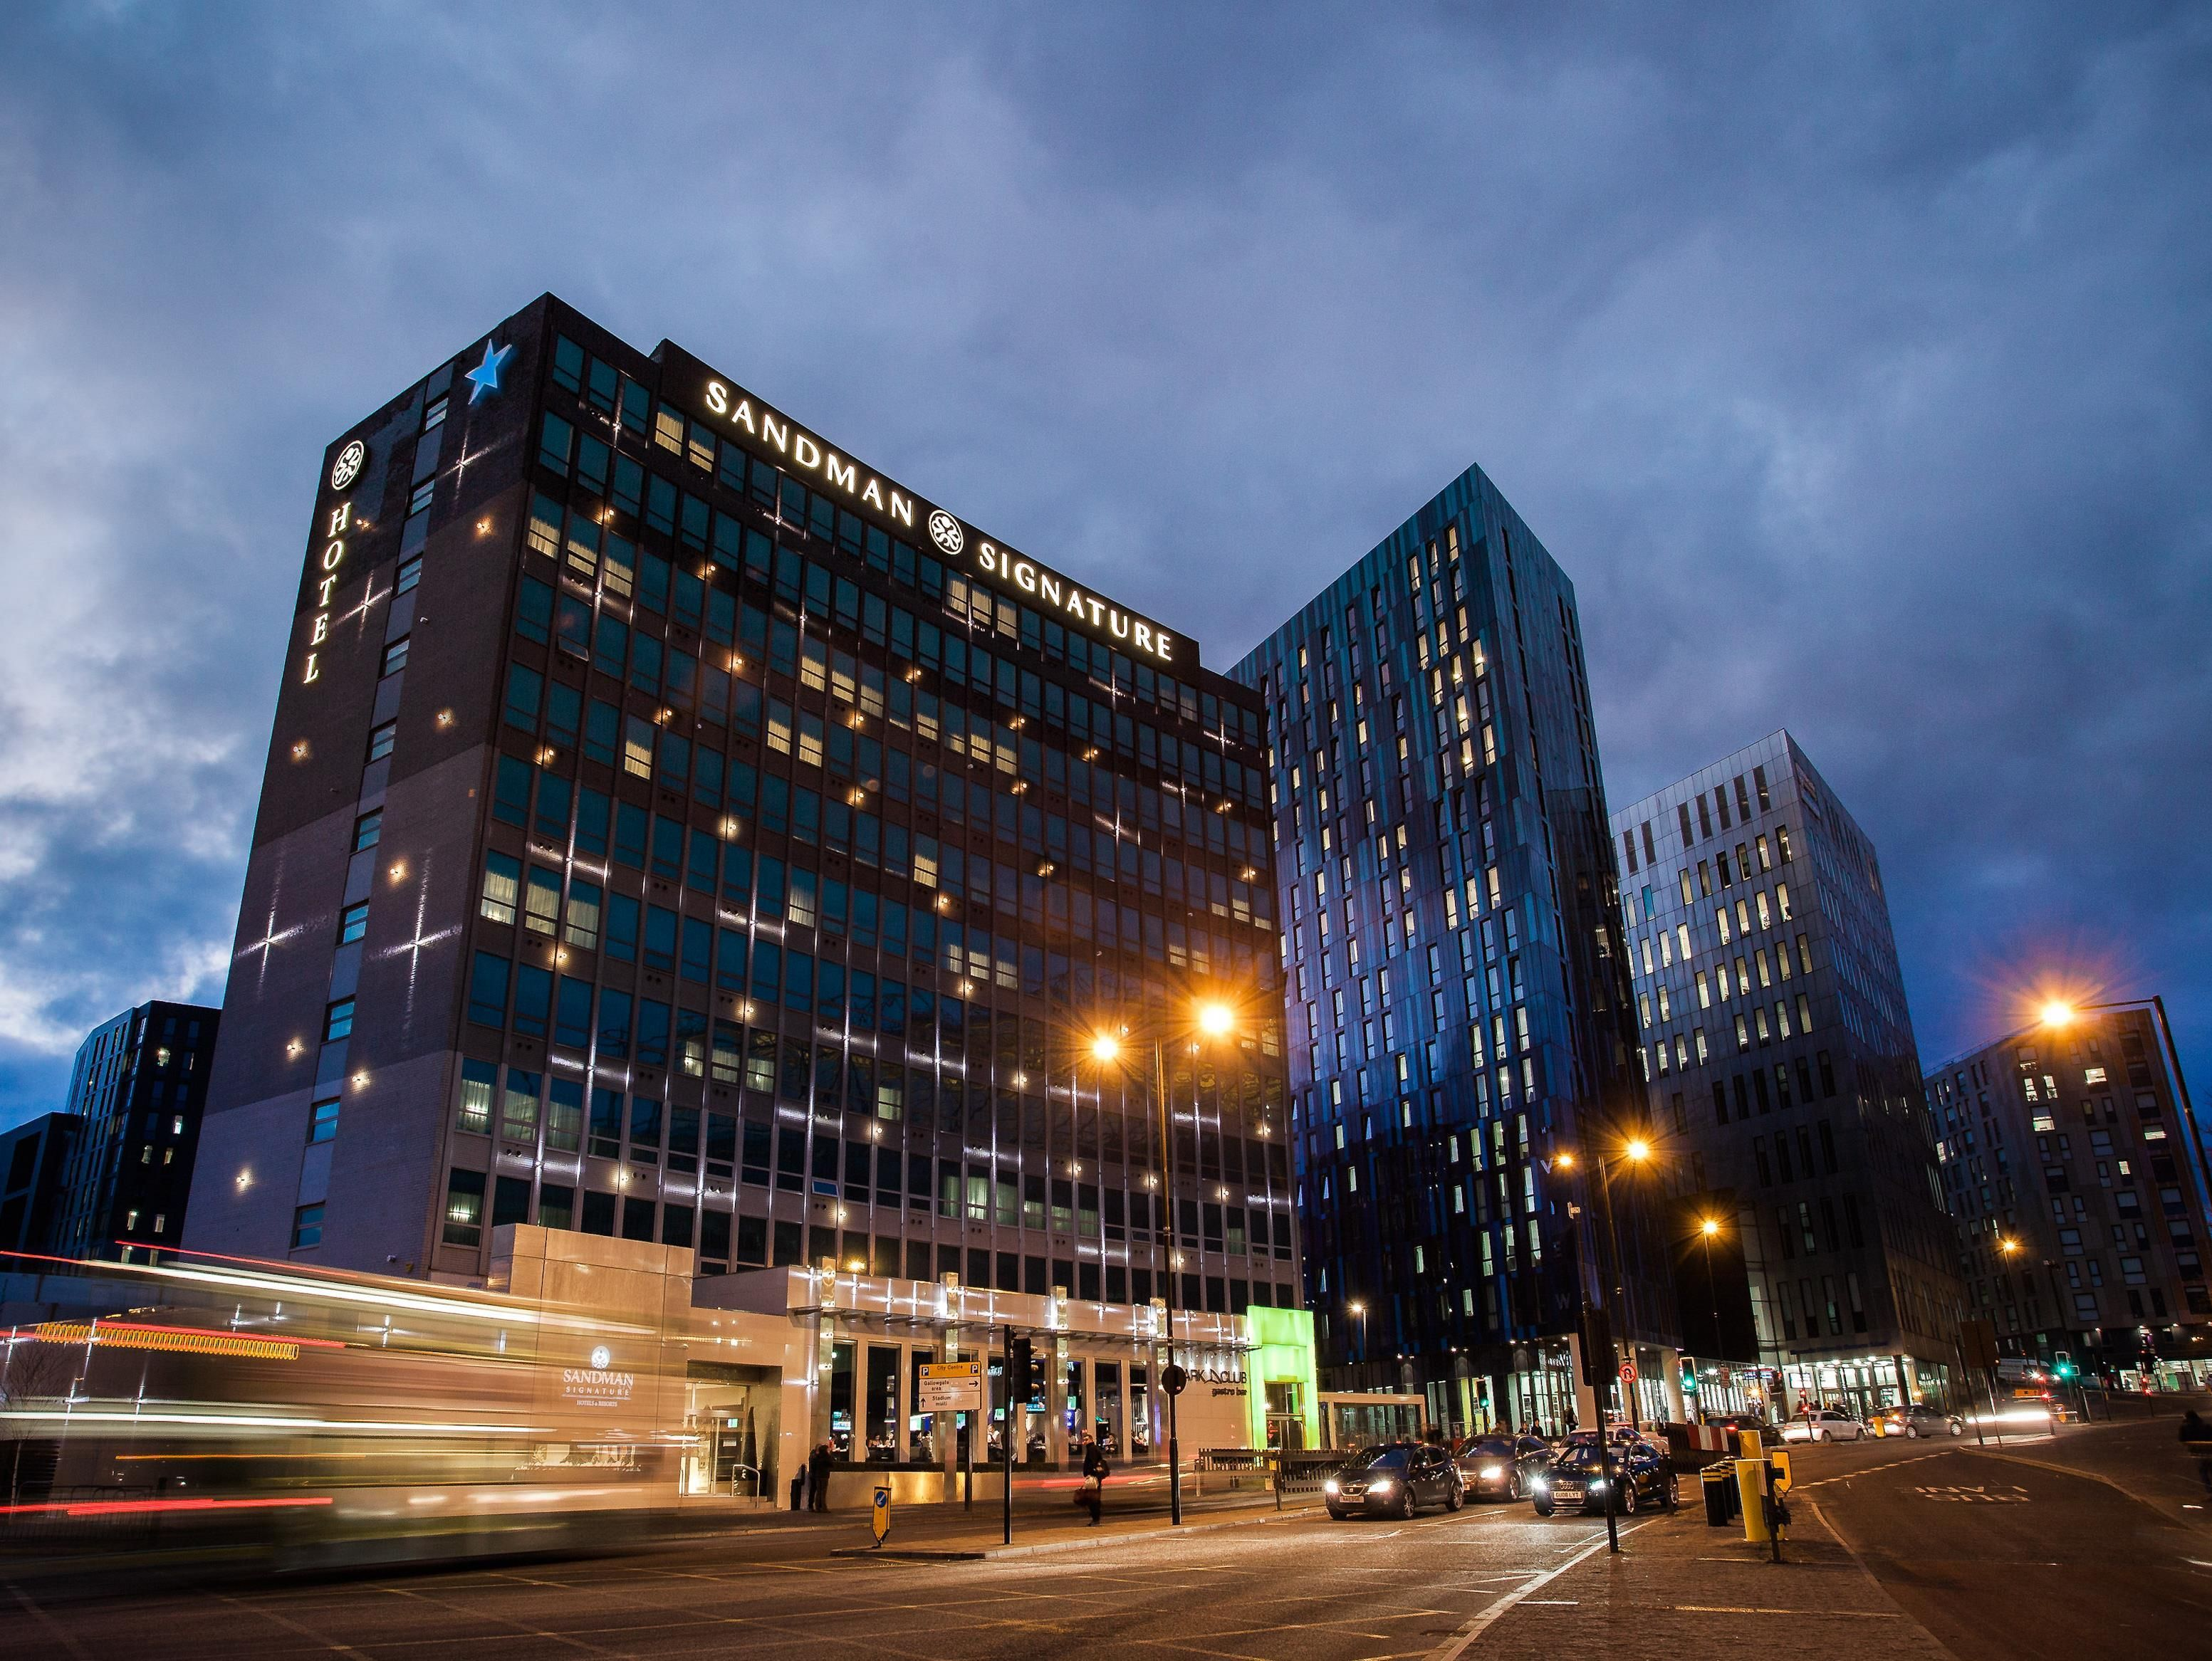 Explora Centros De Apud Física Y Mucho Más Newcastle Upon Tyne Sandman Signature Hotel